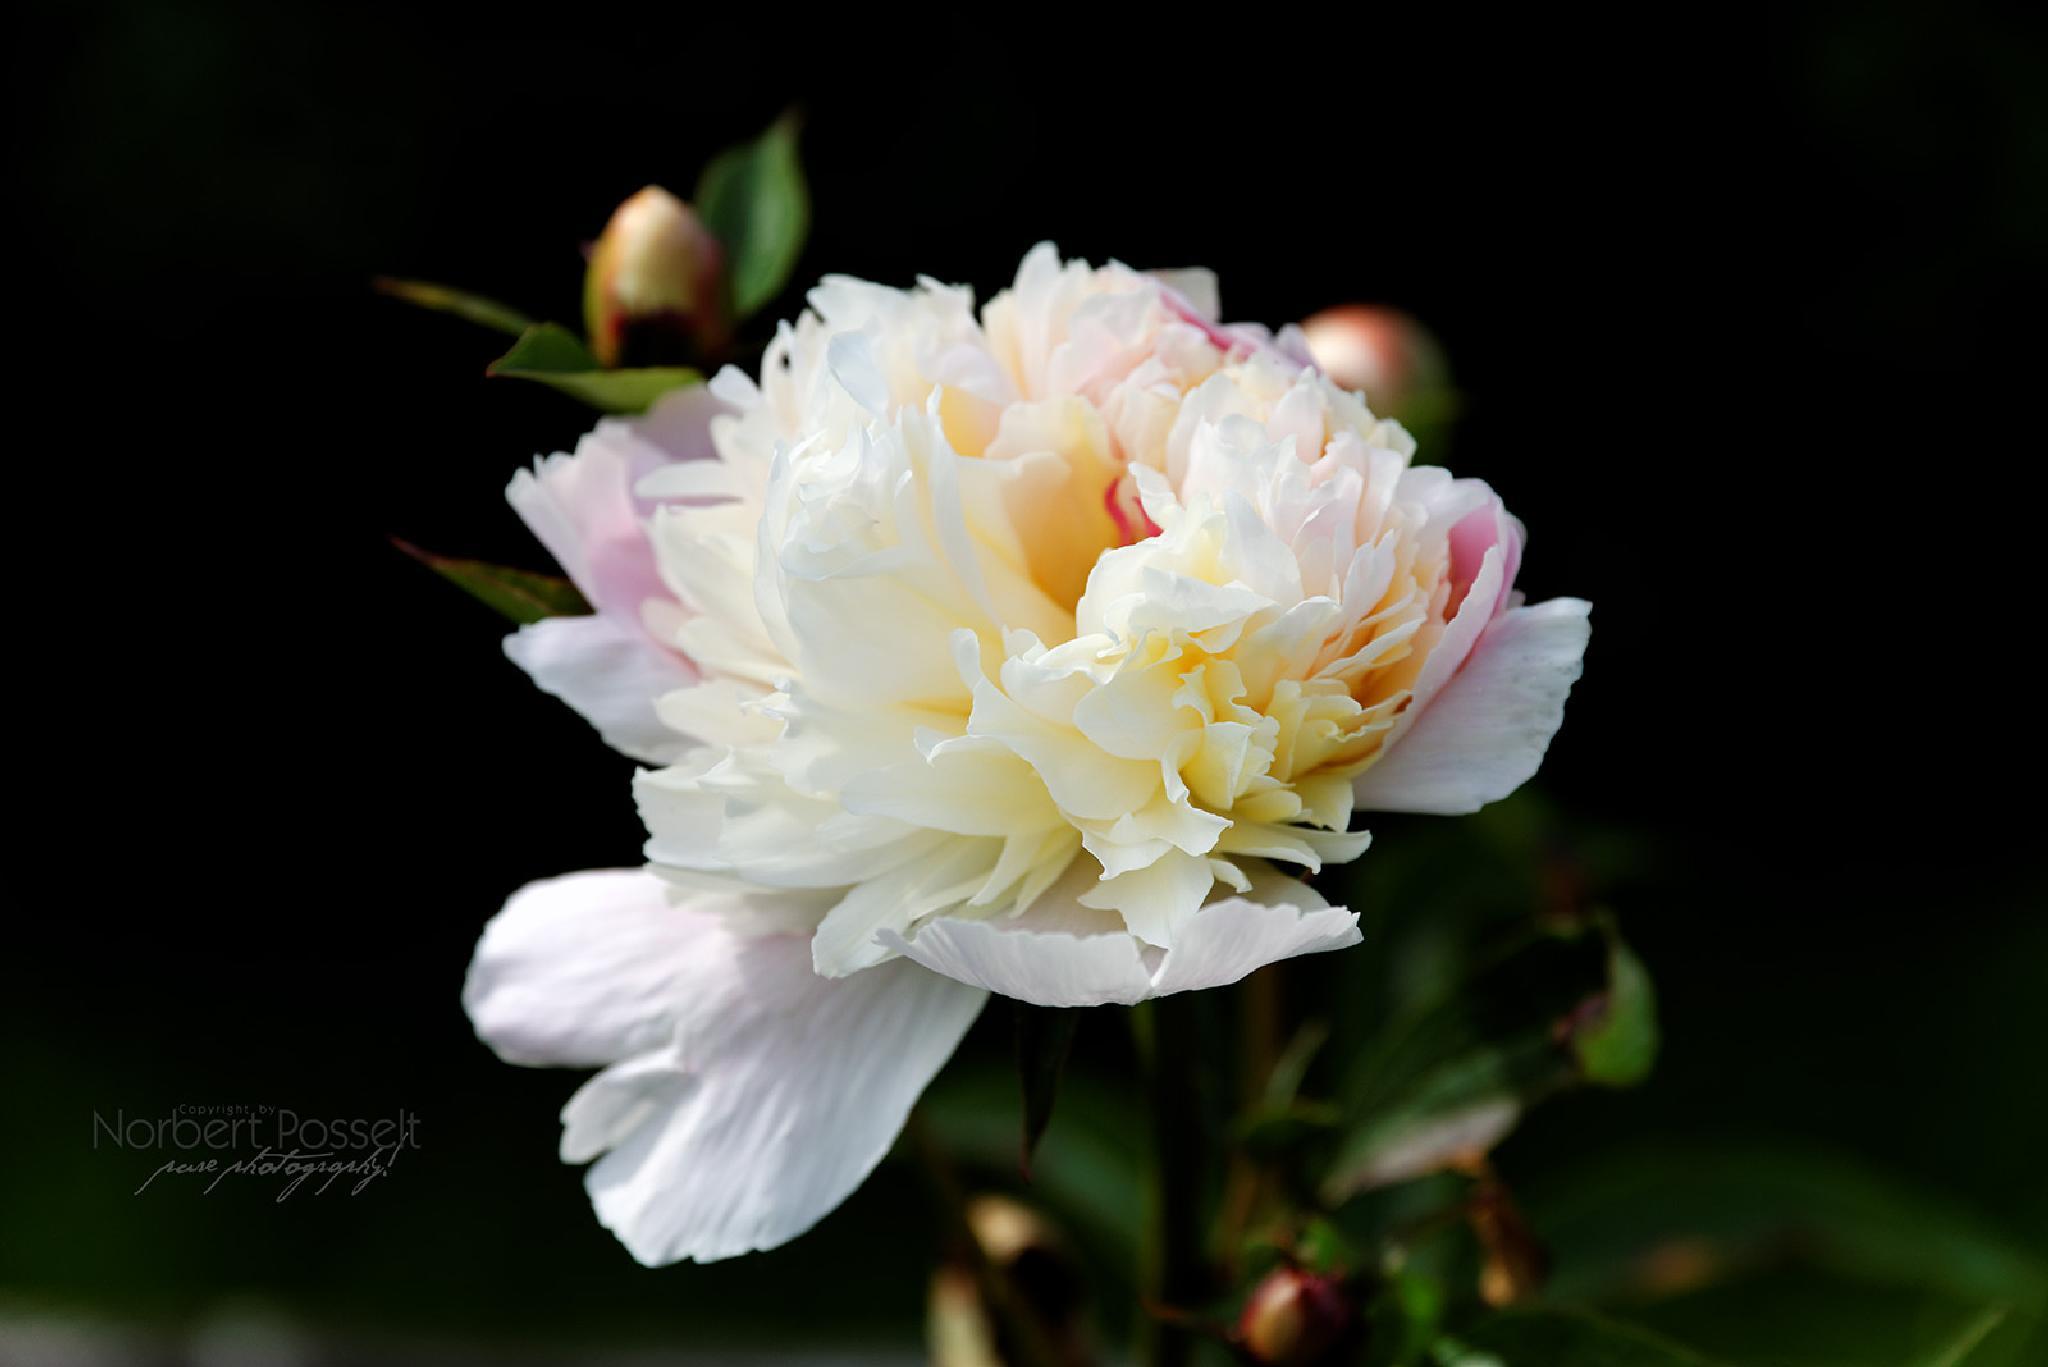 Beautiful Flower by Norbert Posselt